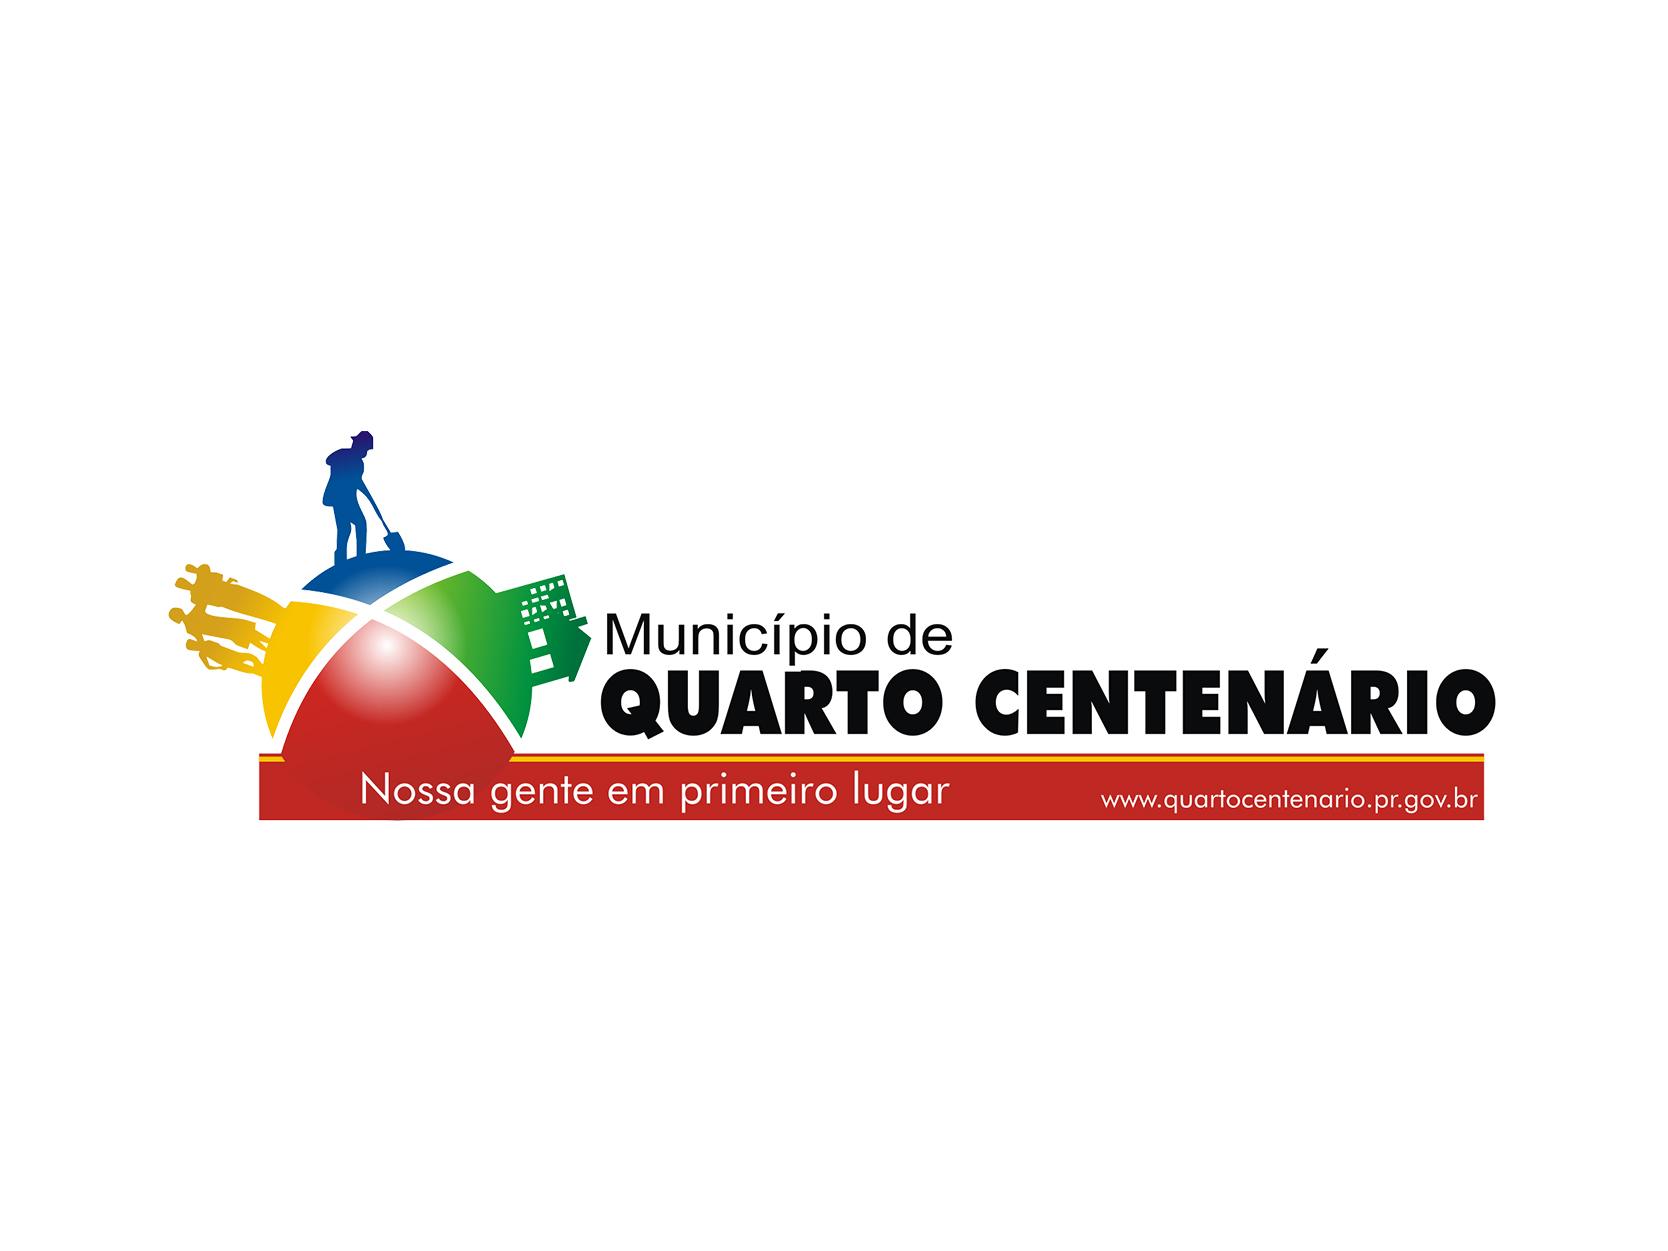 Prefeitura Municipal de Quarto Centenário